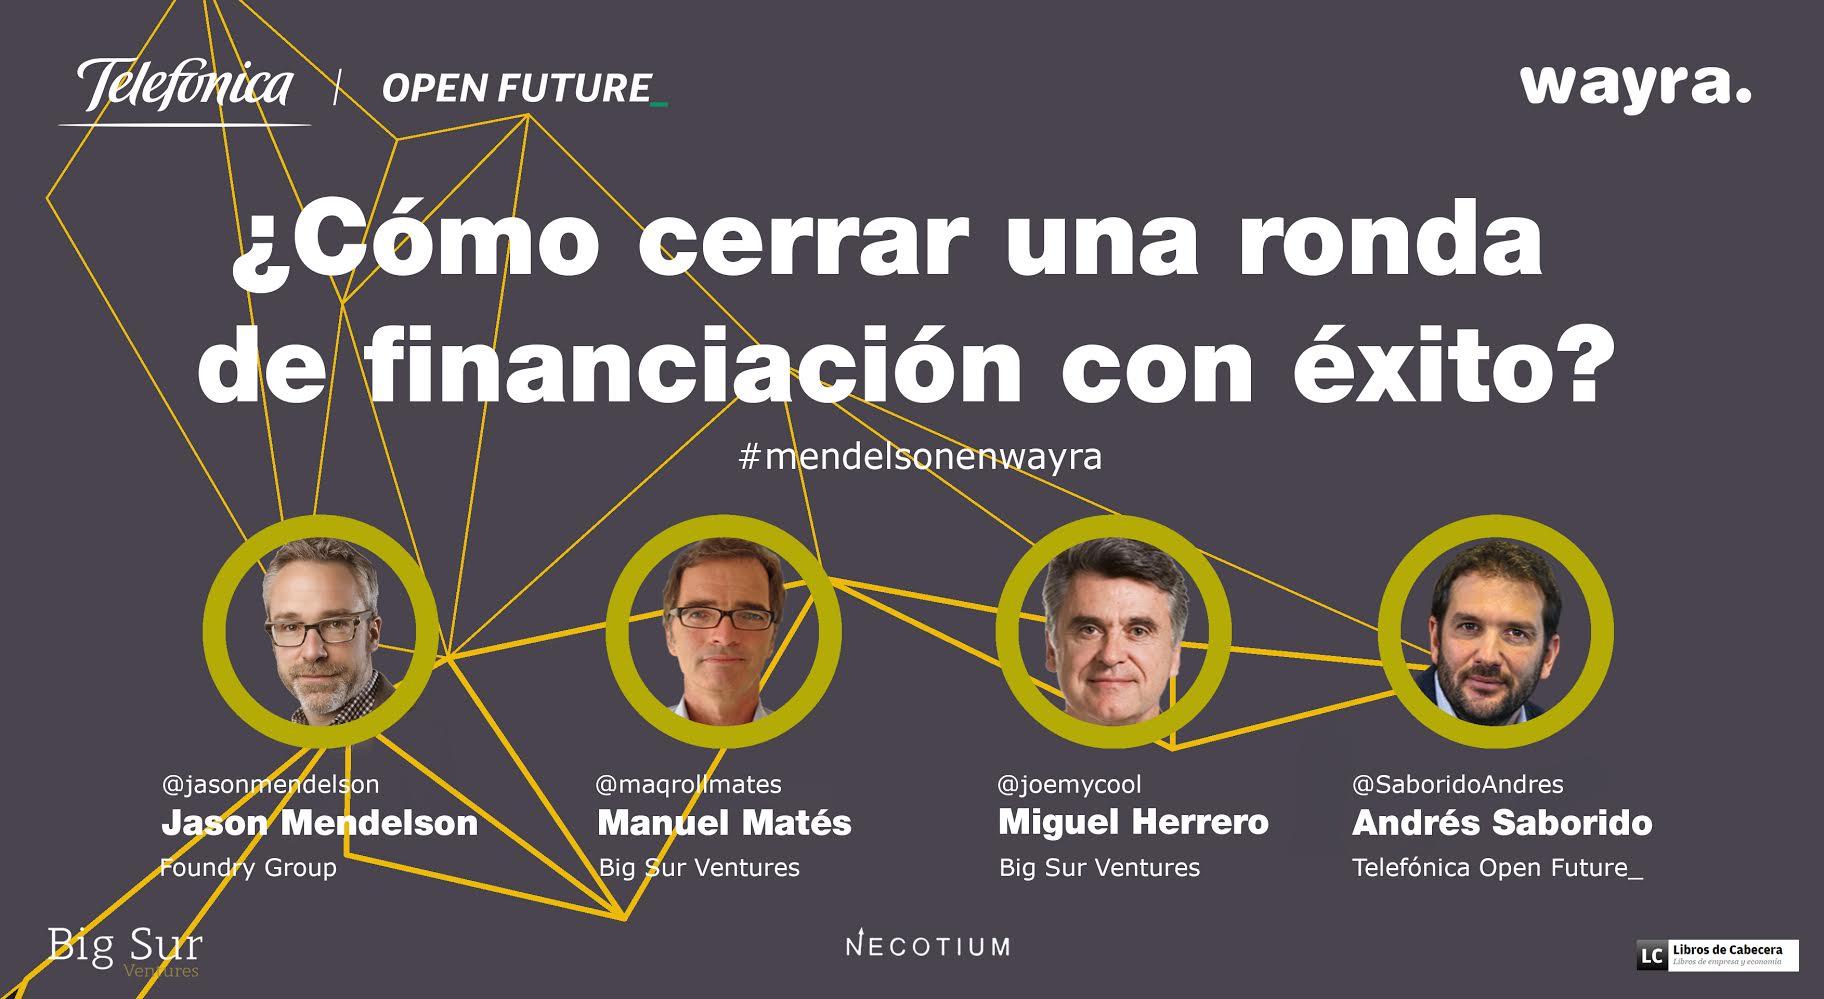 Venture Deals ¿Cómo cerrar una ronda de financiación con éxito?